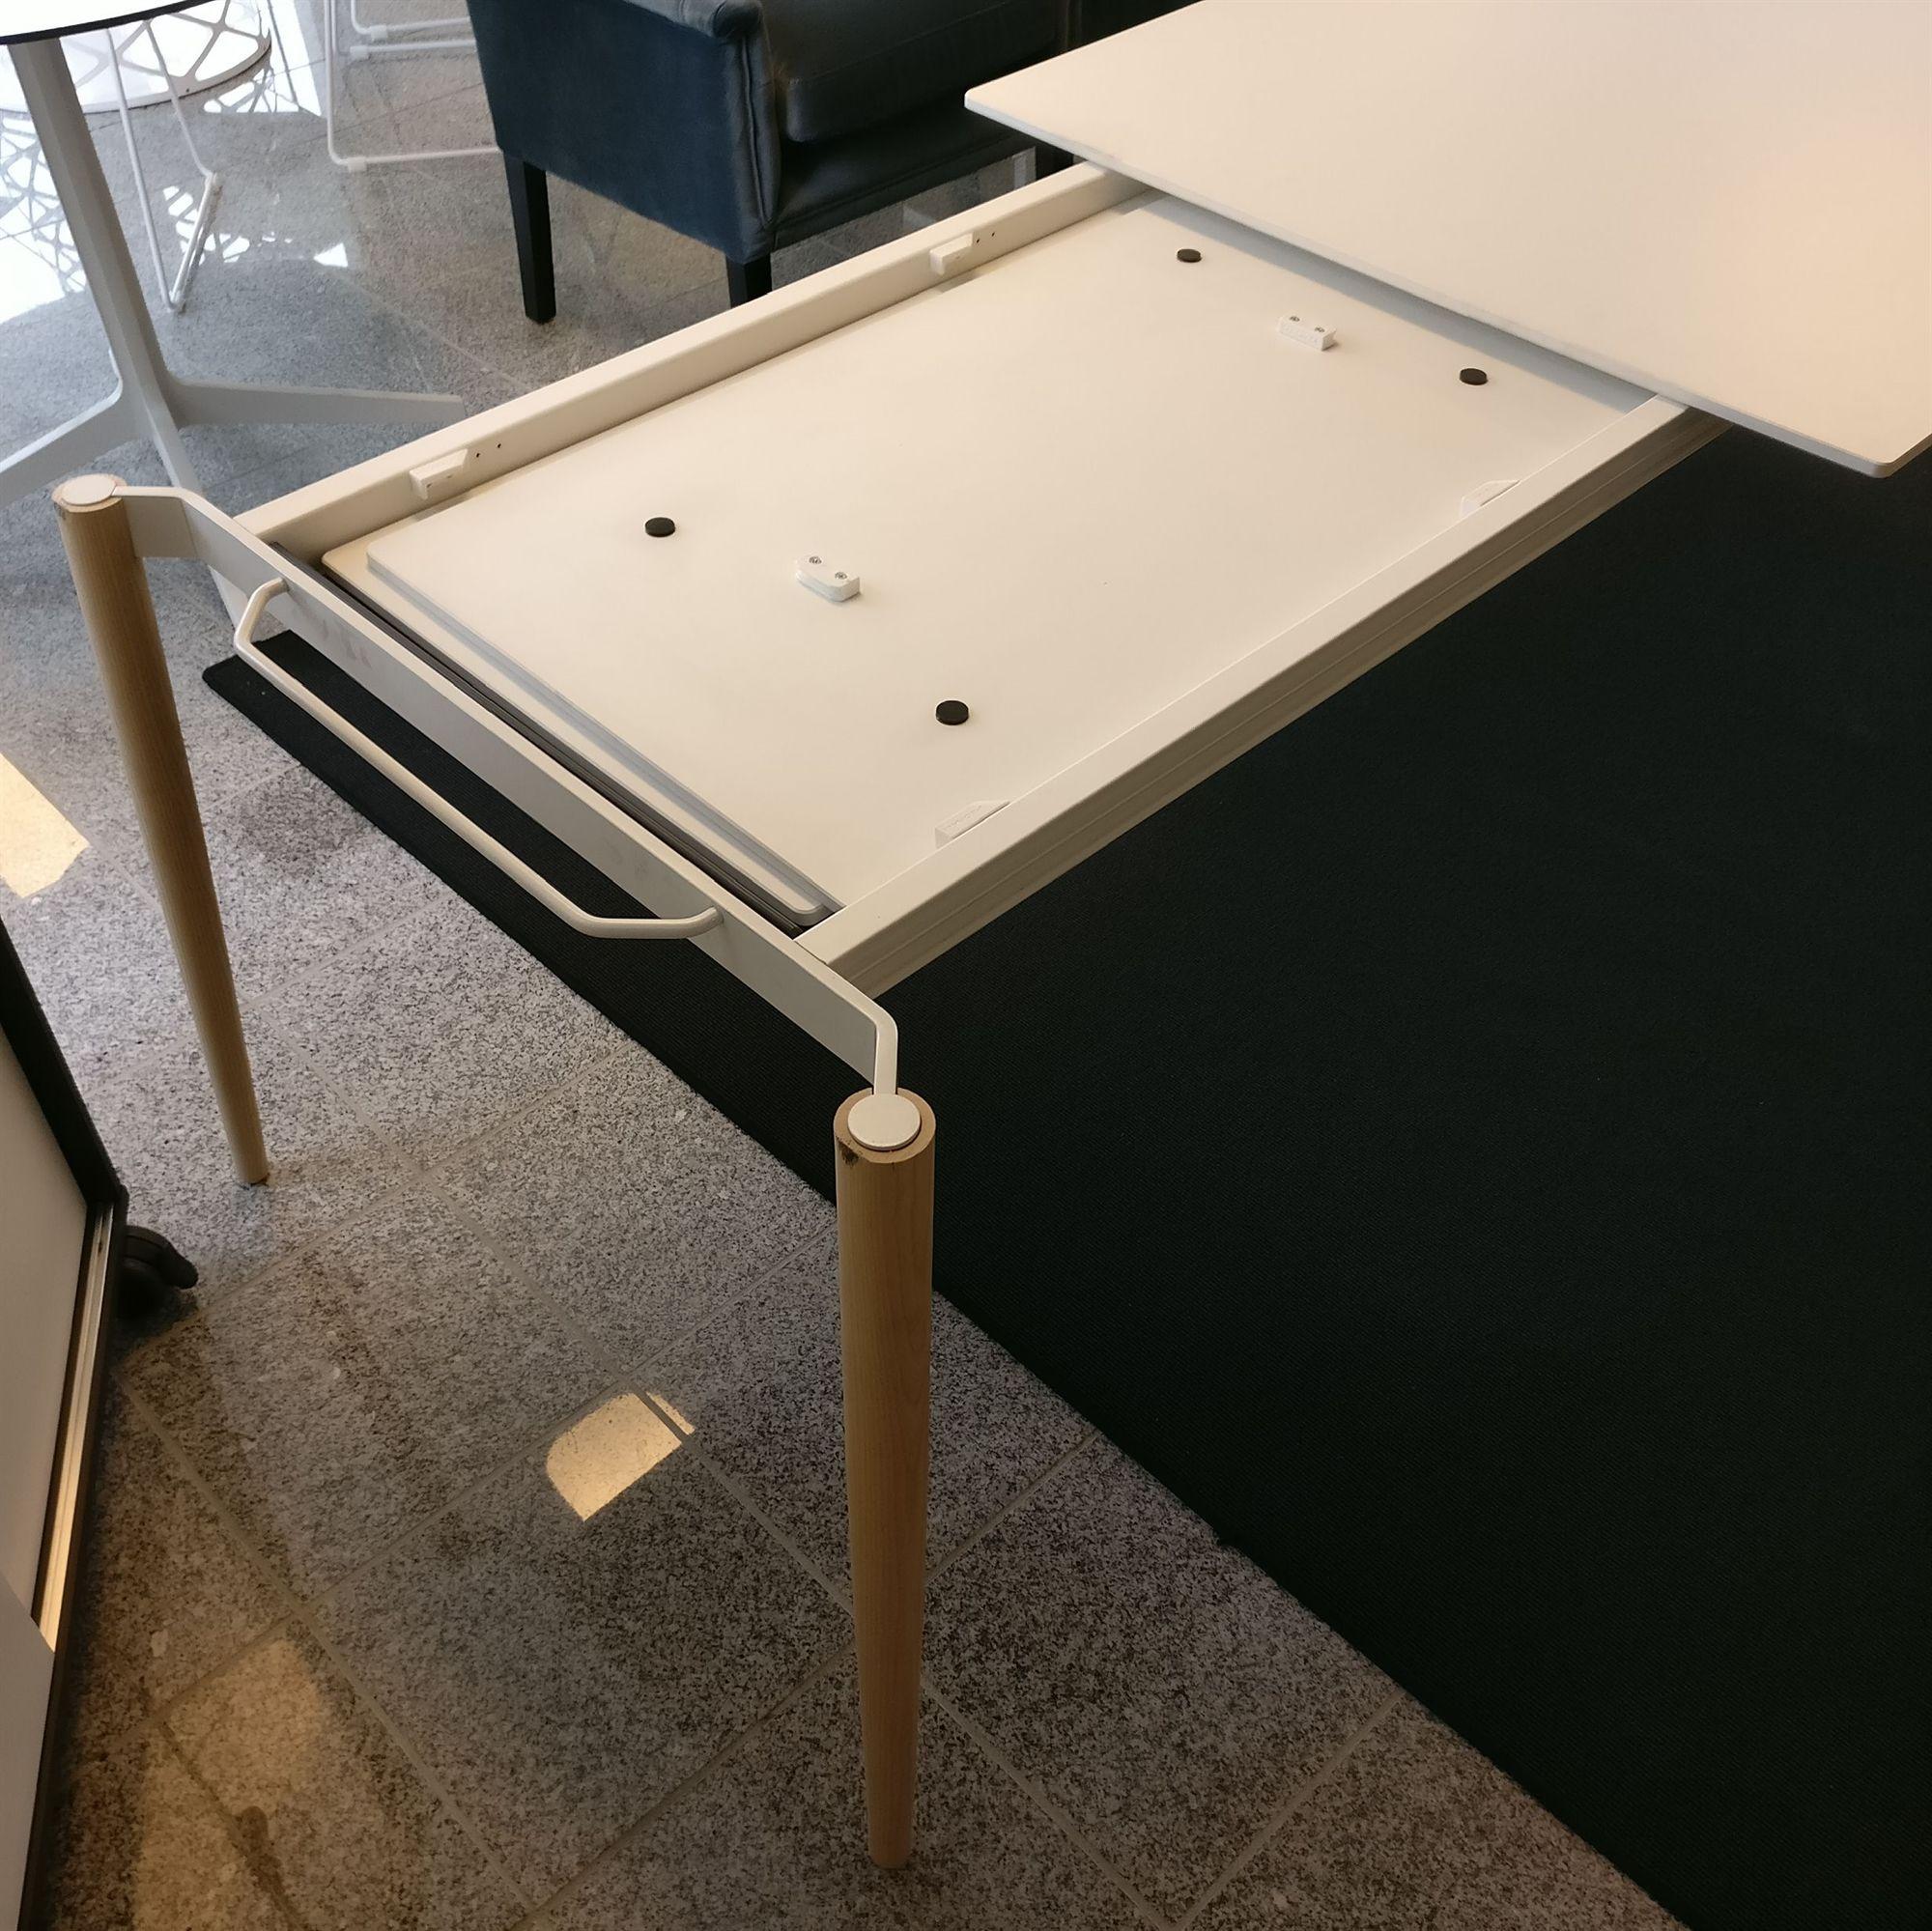 Sort Spisebord Med Udtrk. Finest Diagonal Spisebord Sort With Sort ...